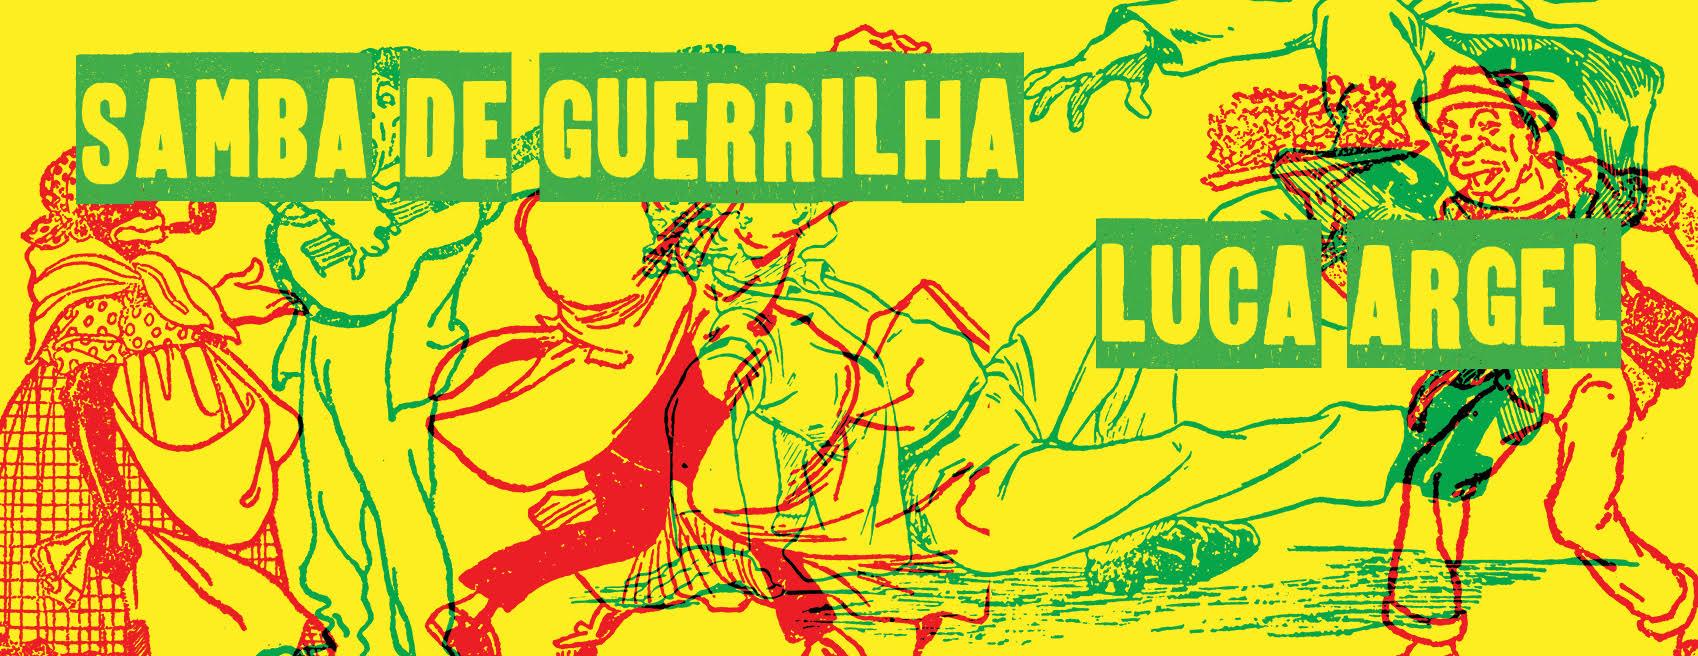 samba-de-guerrilha-fb